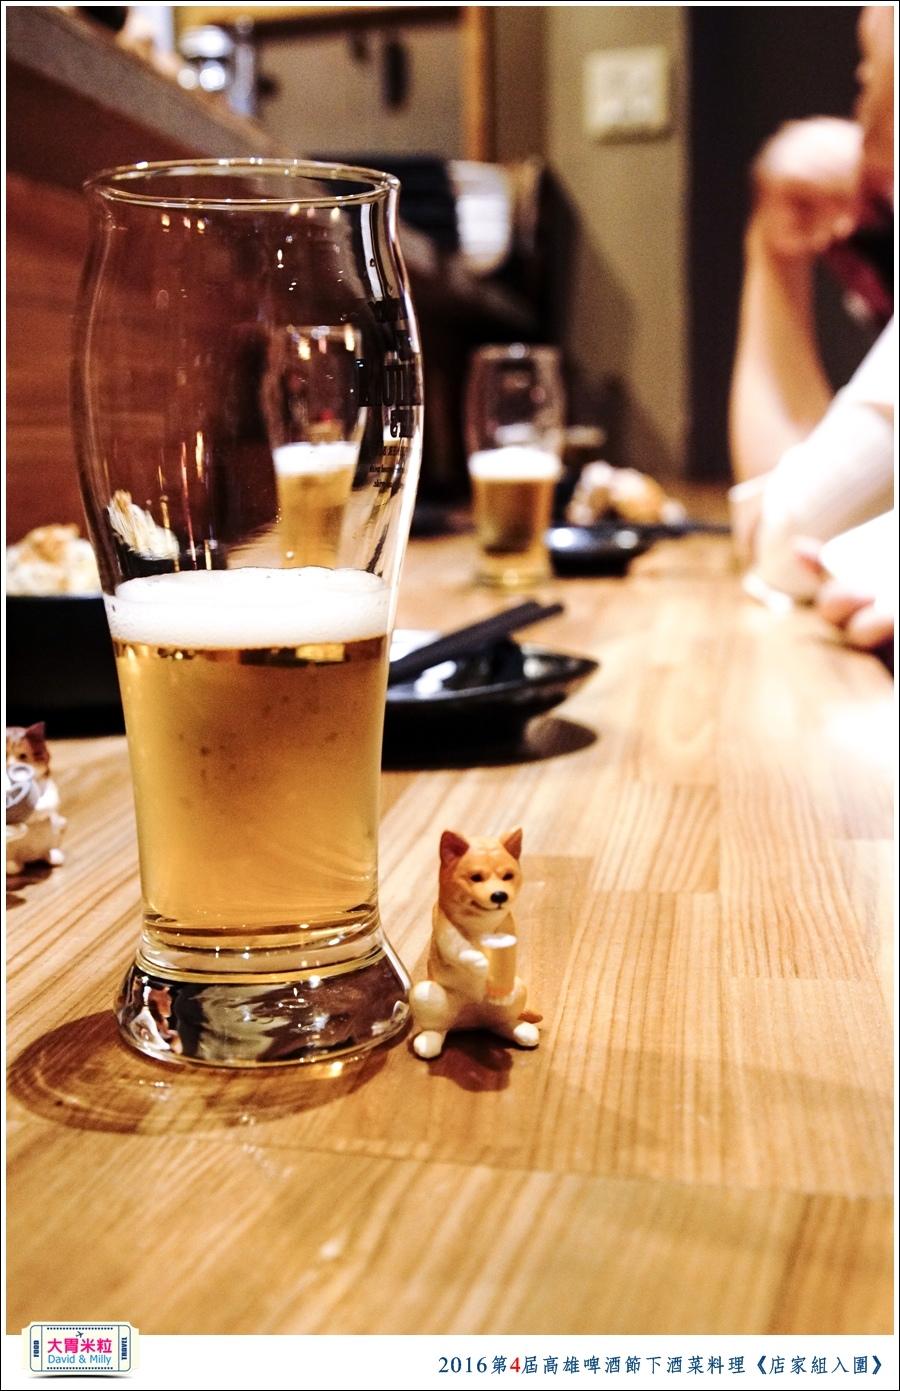 2016第4屆高雄啤酒節下酒菜料理競賽2@大胃米粒0055.jpg